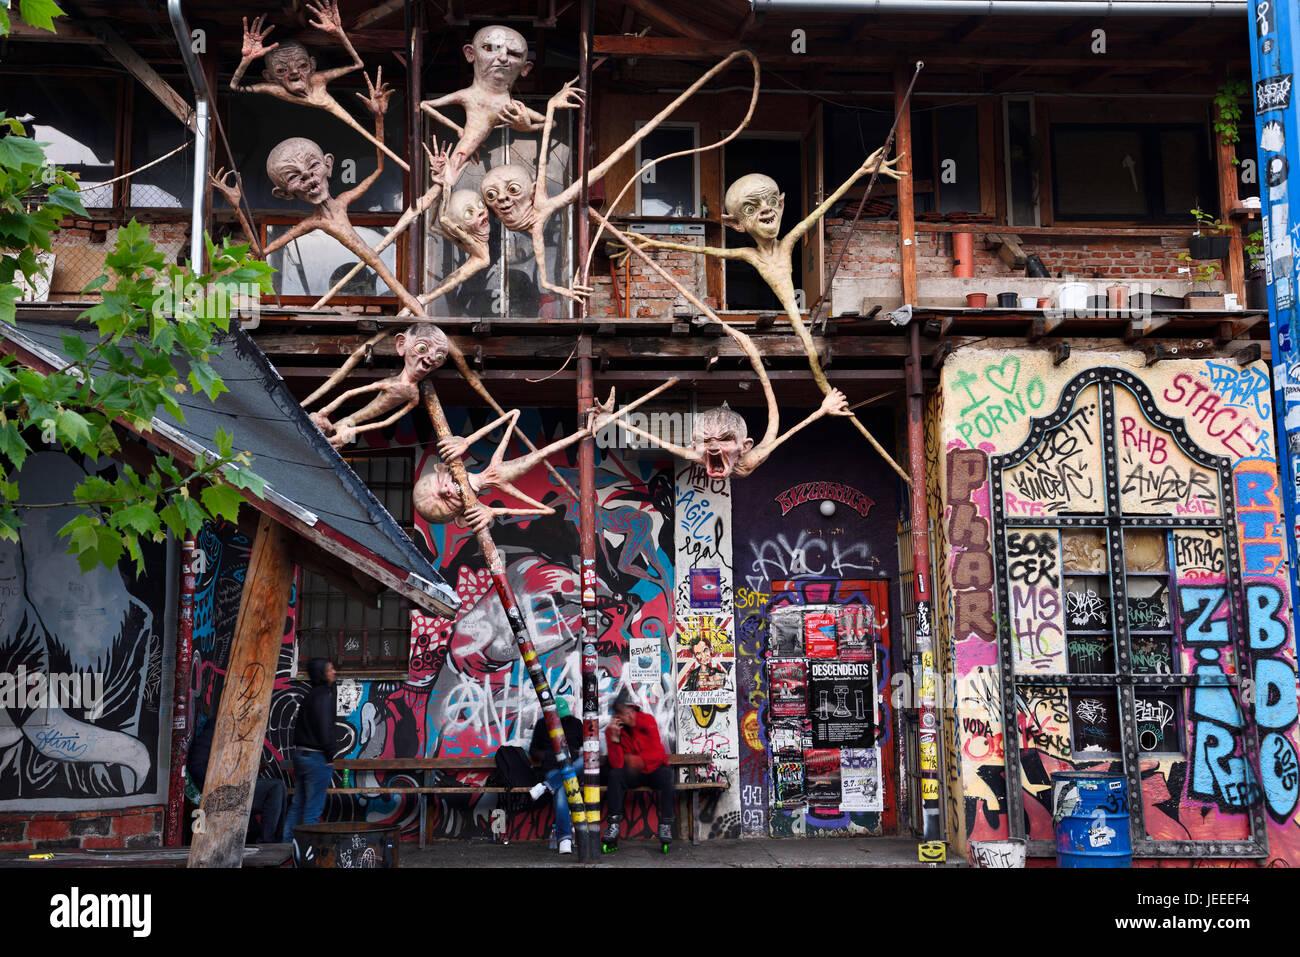 Des graffitis et des sculptures à Metelkova City Centre culturel autonome squat à l'ancienne caserne Photo Stock